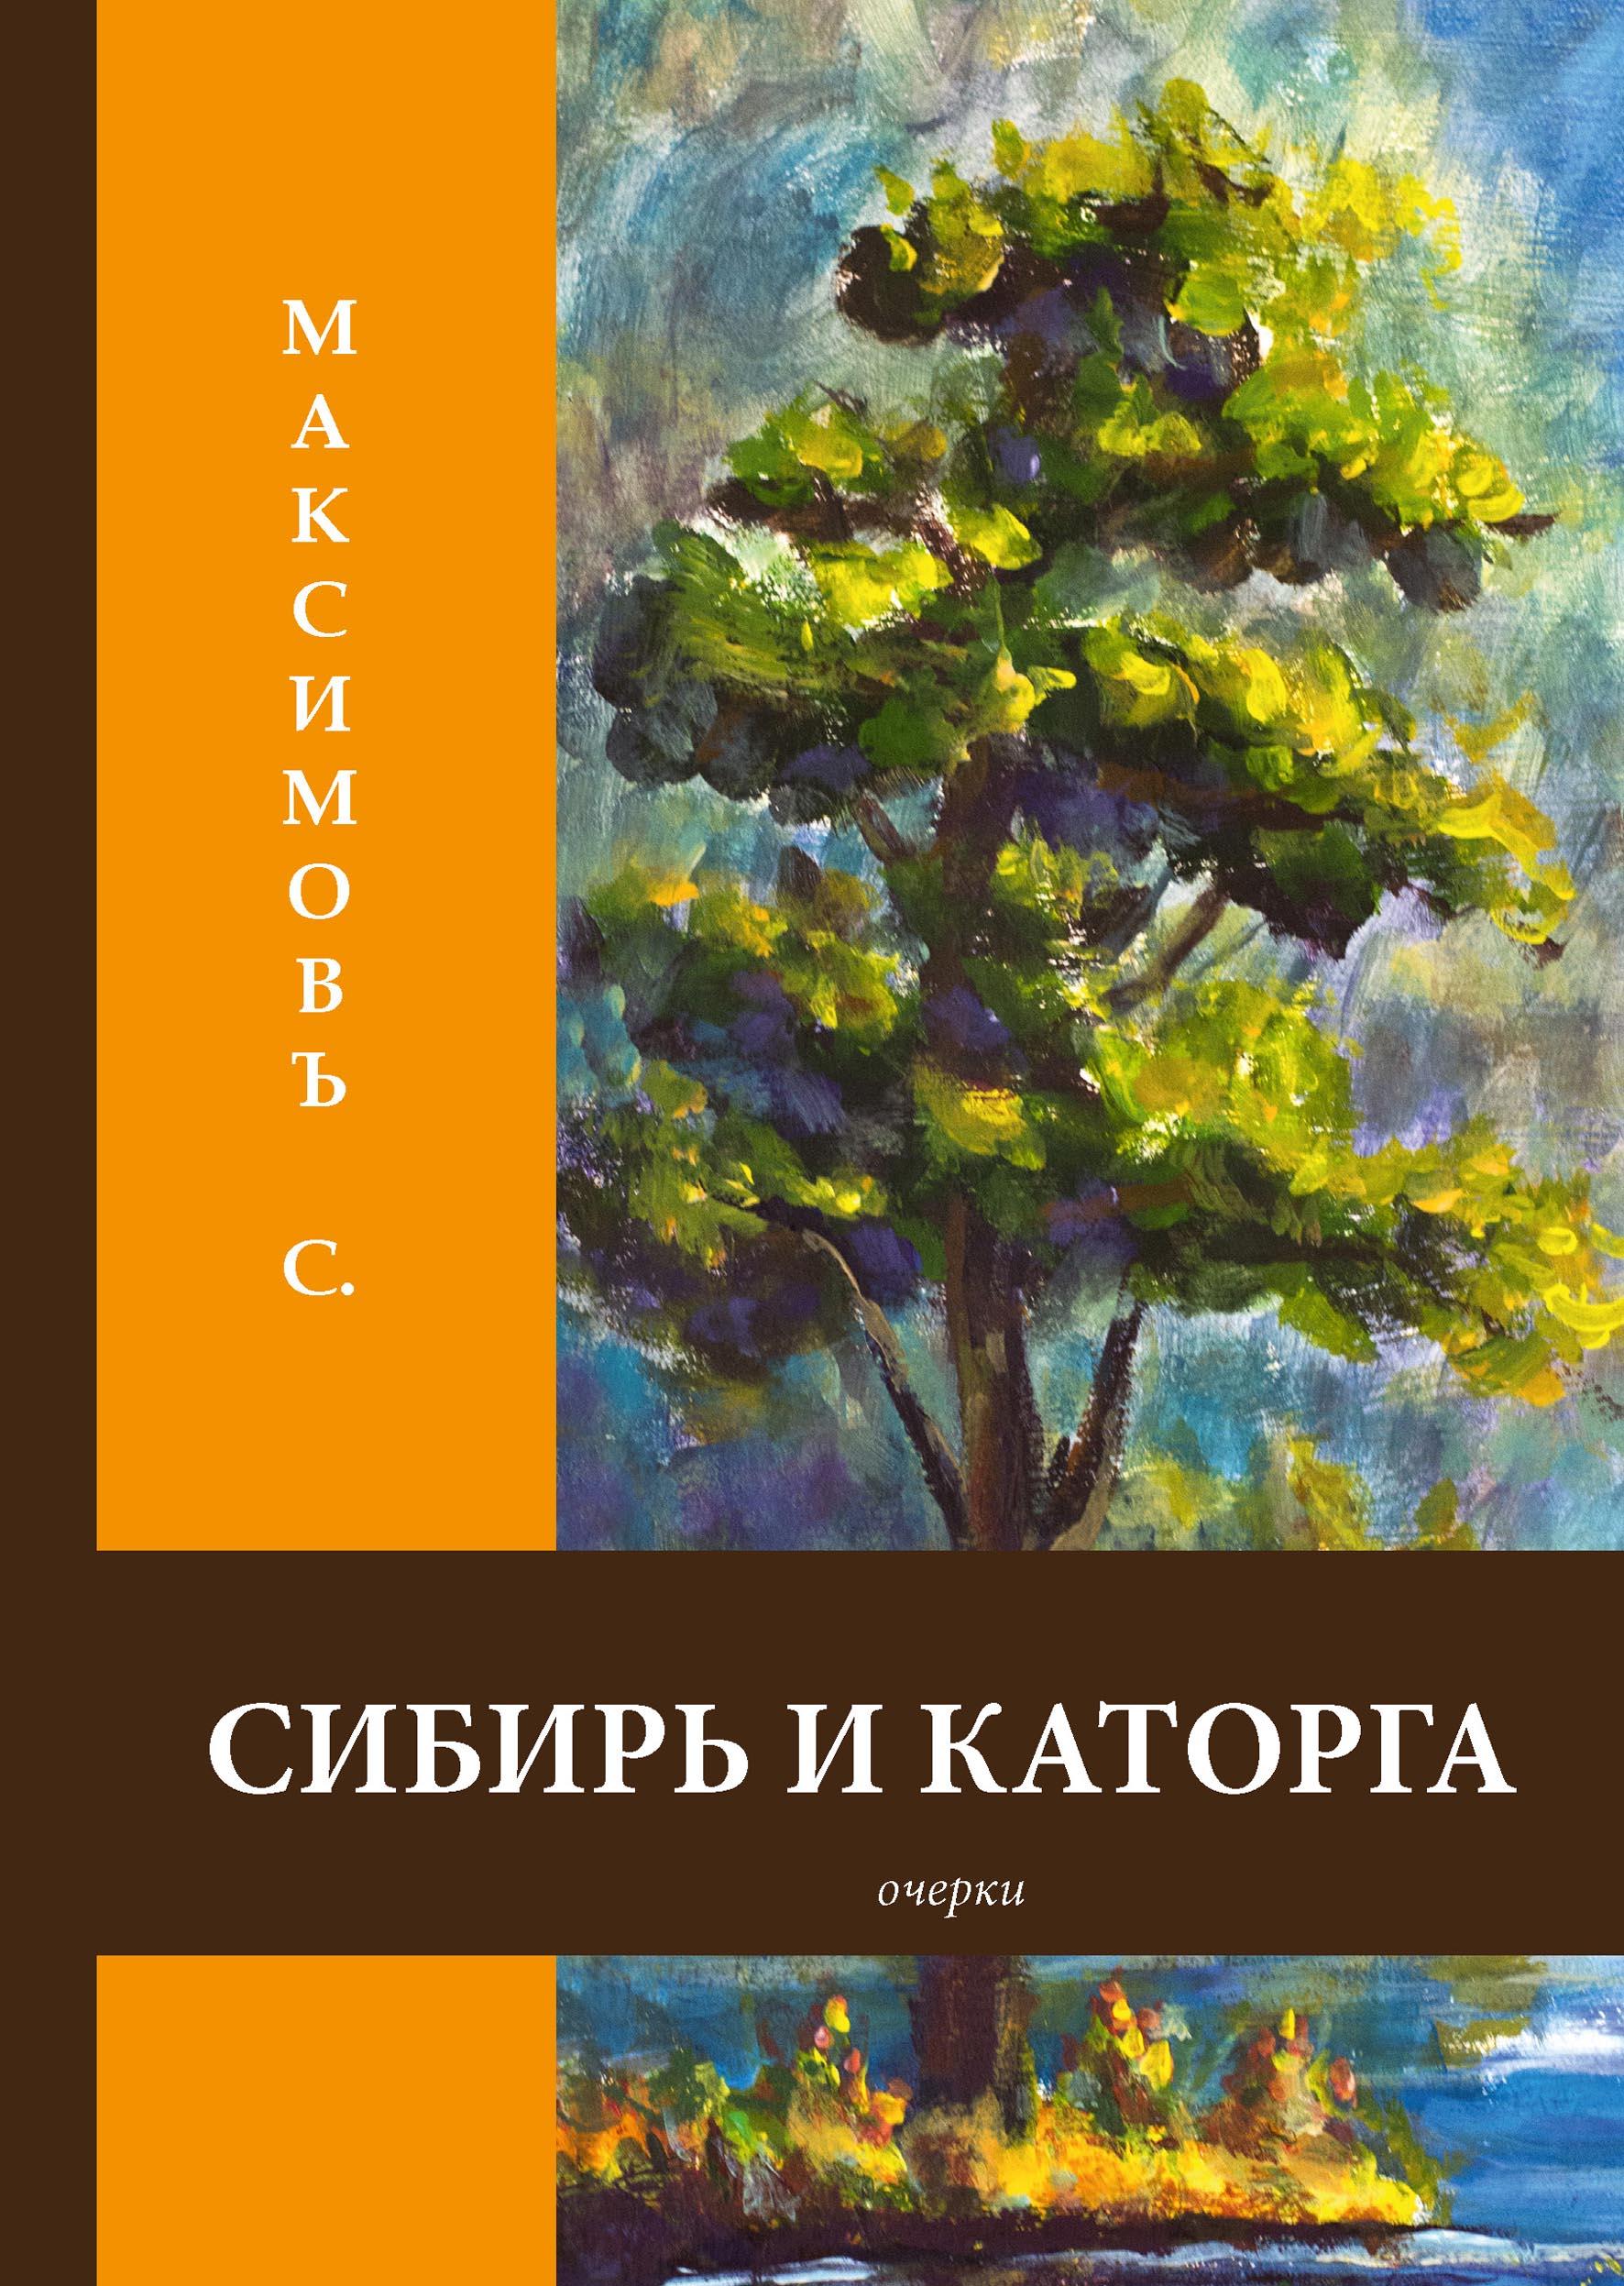 Сергей МАксимов Сибирь и каторга. Очерки